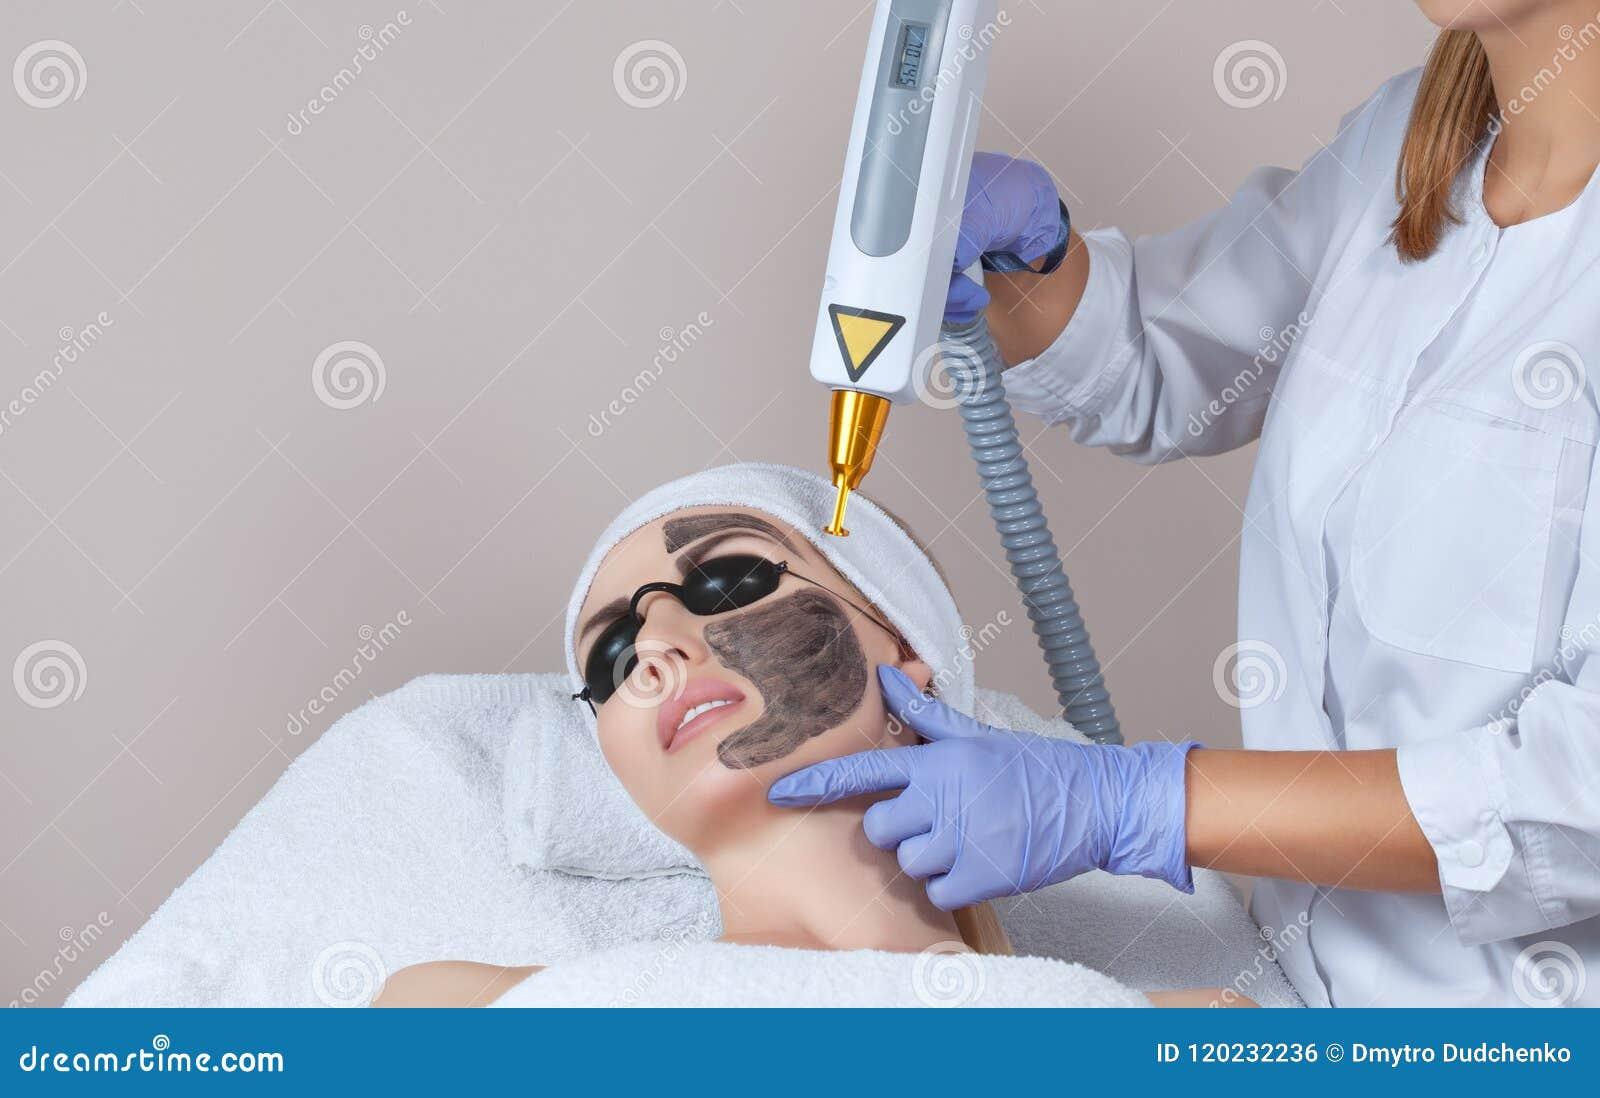 Процедура по шелушения стороны углерода в салоне красоты Обработка косметологии оборудования